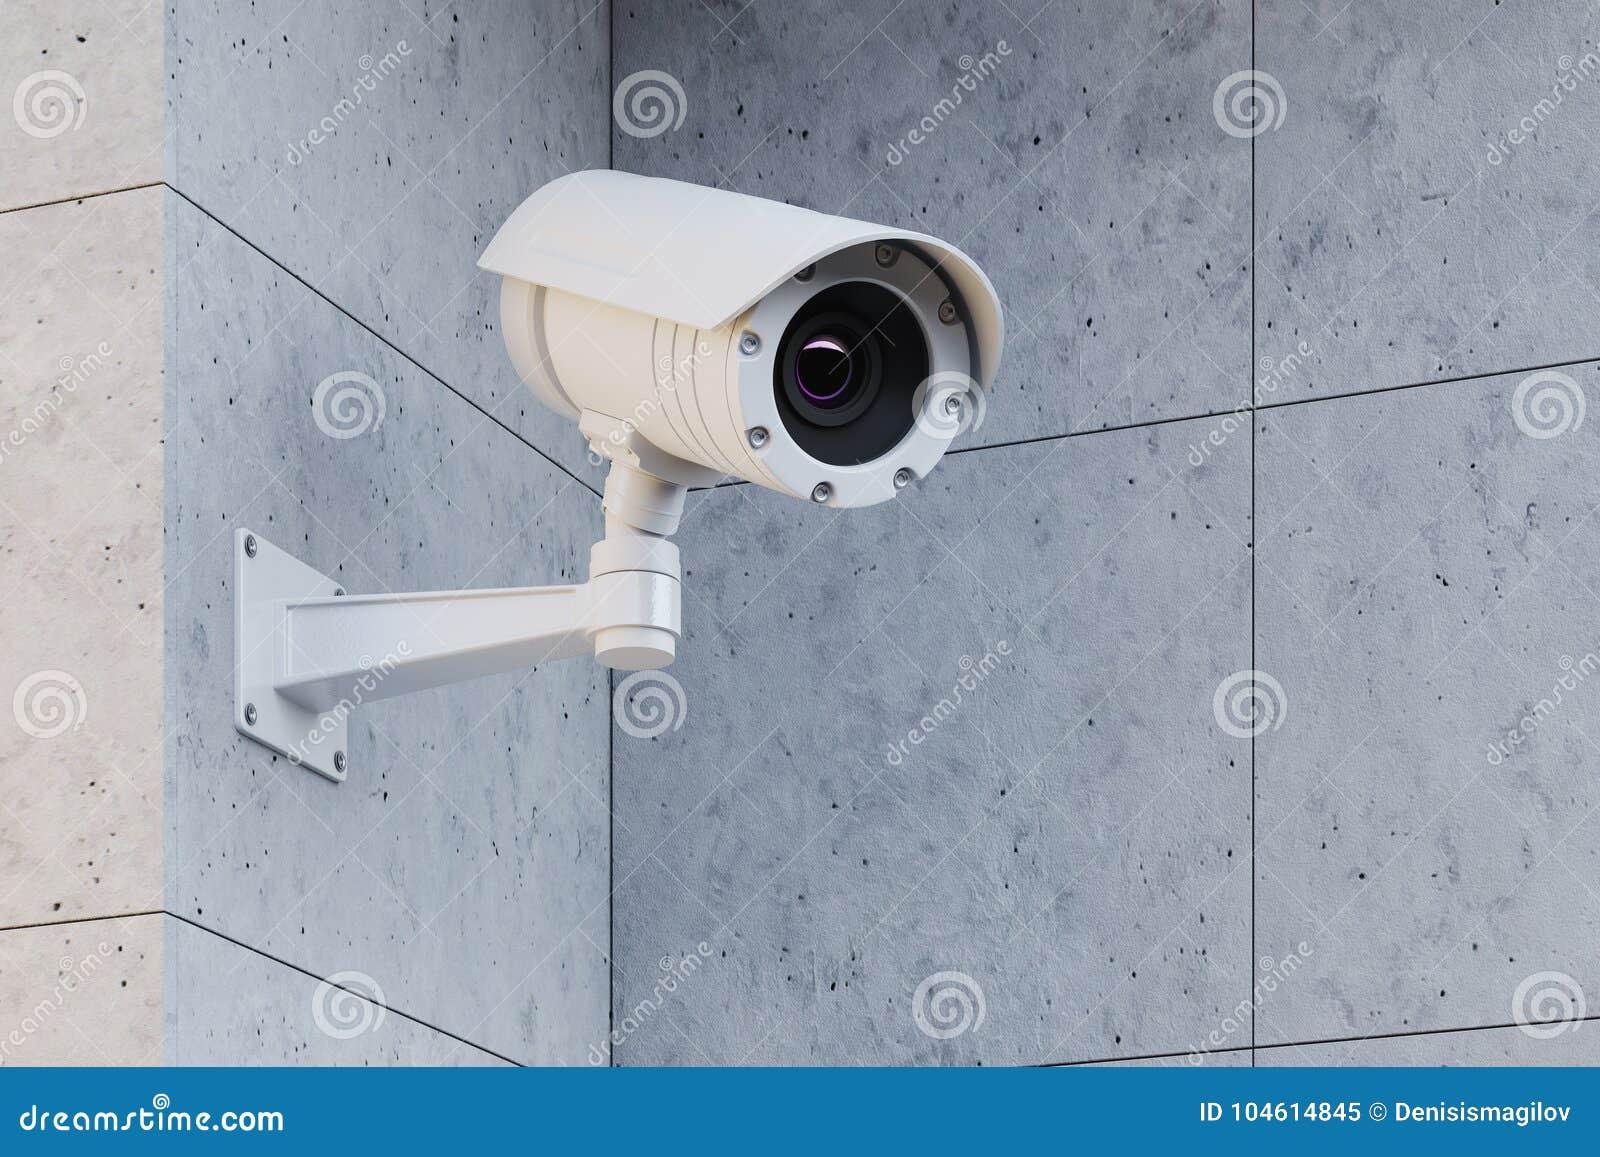 Vit CCTV-kamera på en grå vägg